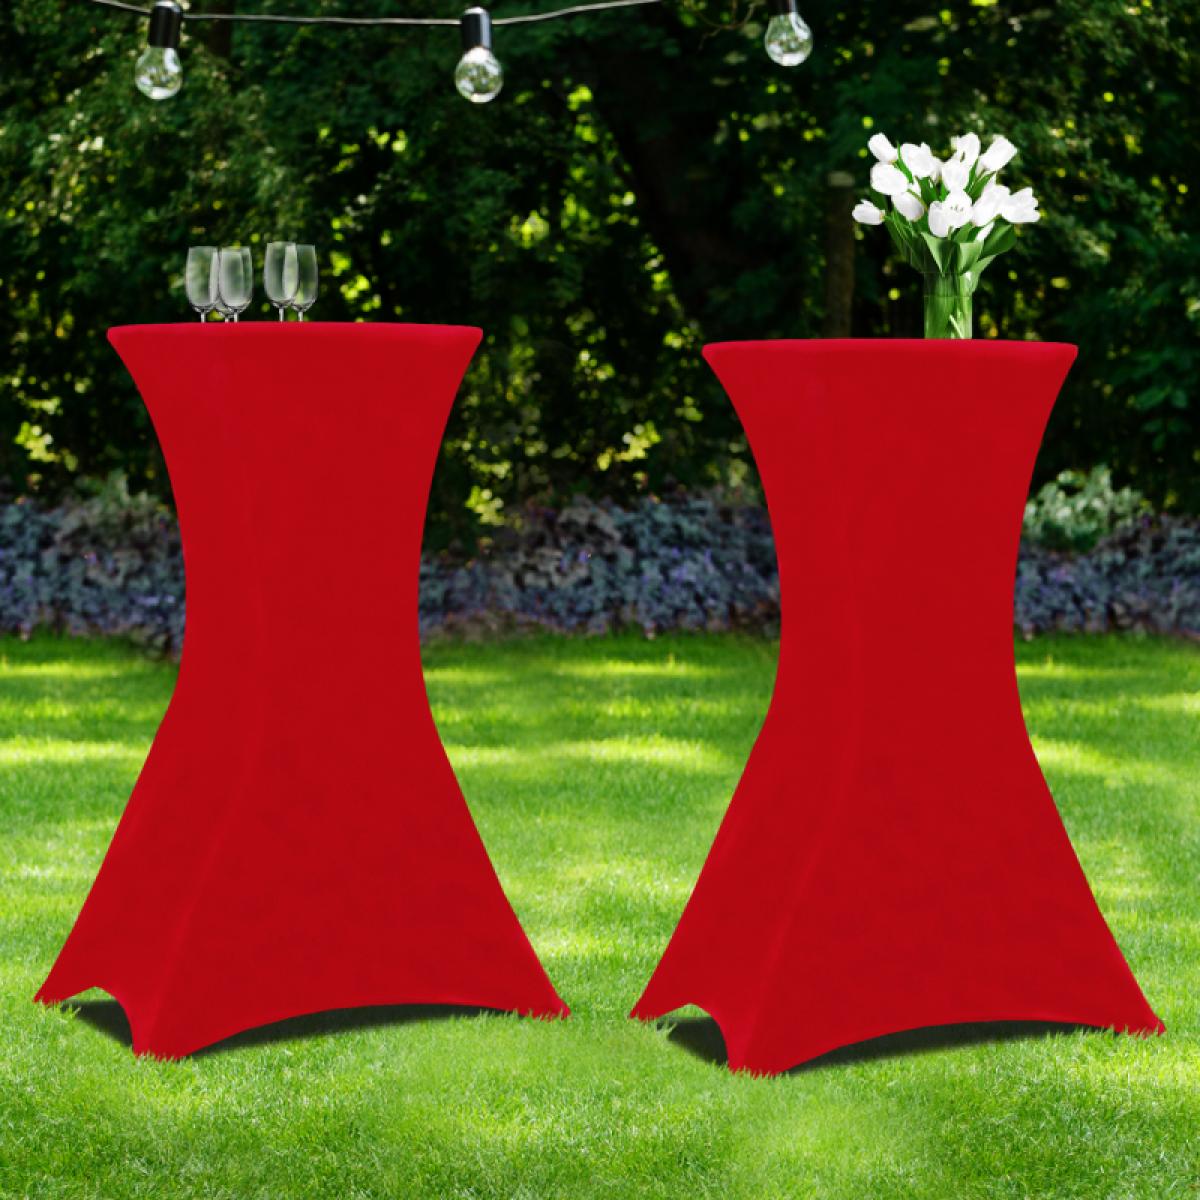 Idmarket Lot de 2 tables hautes 105 cm pliantes + 2 housses bordeaux